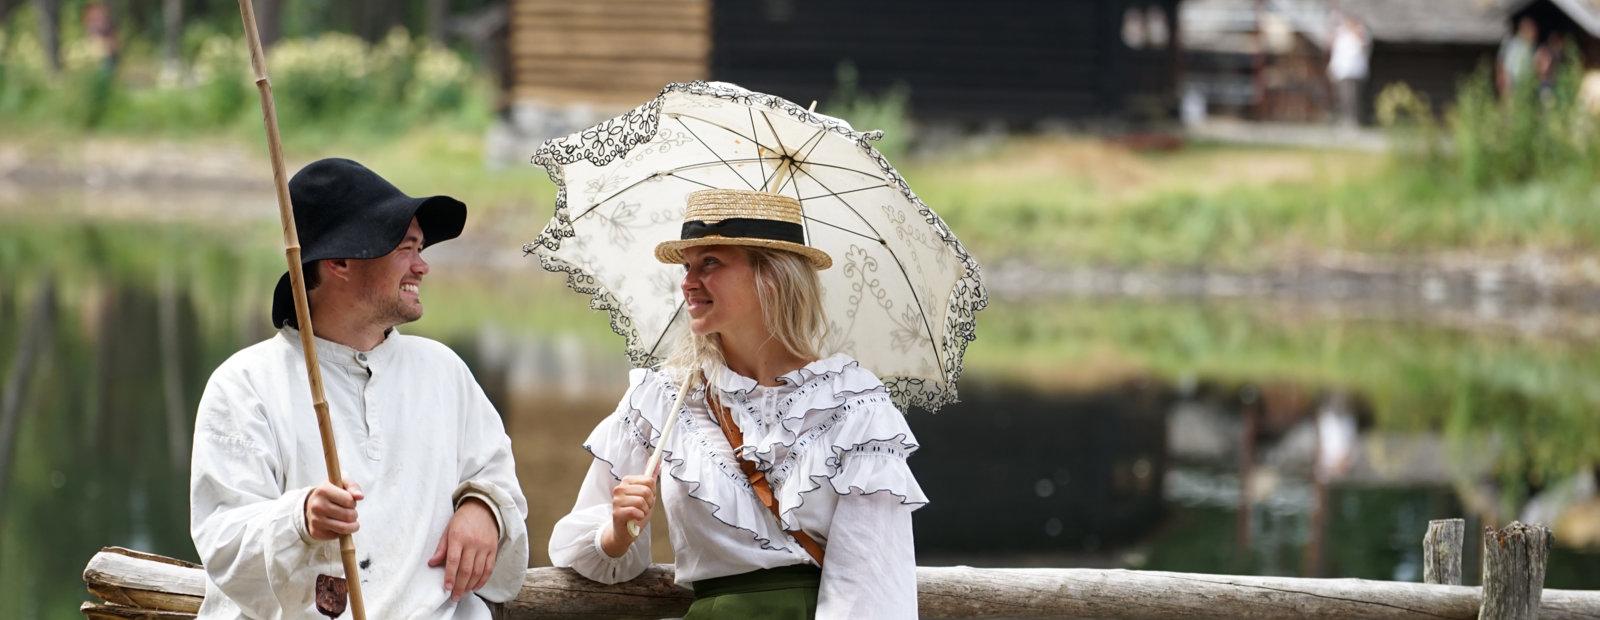 Ung mann med fiskestang og vadmelsklær og en flott pyntet lady med blondeparaply på bru.